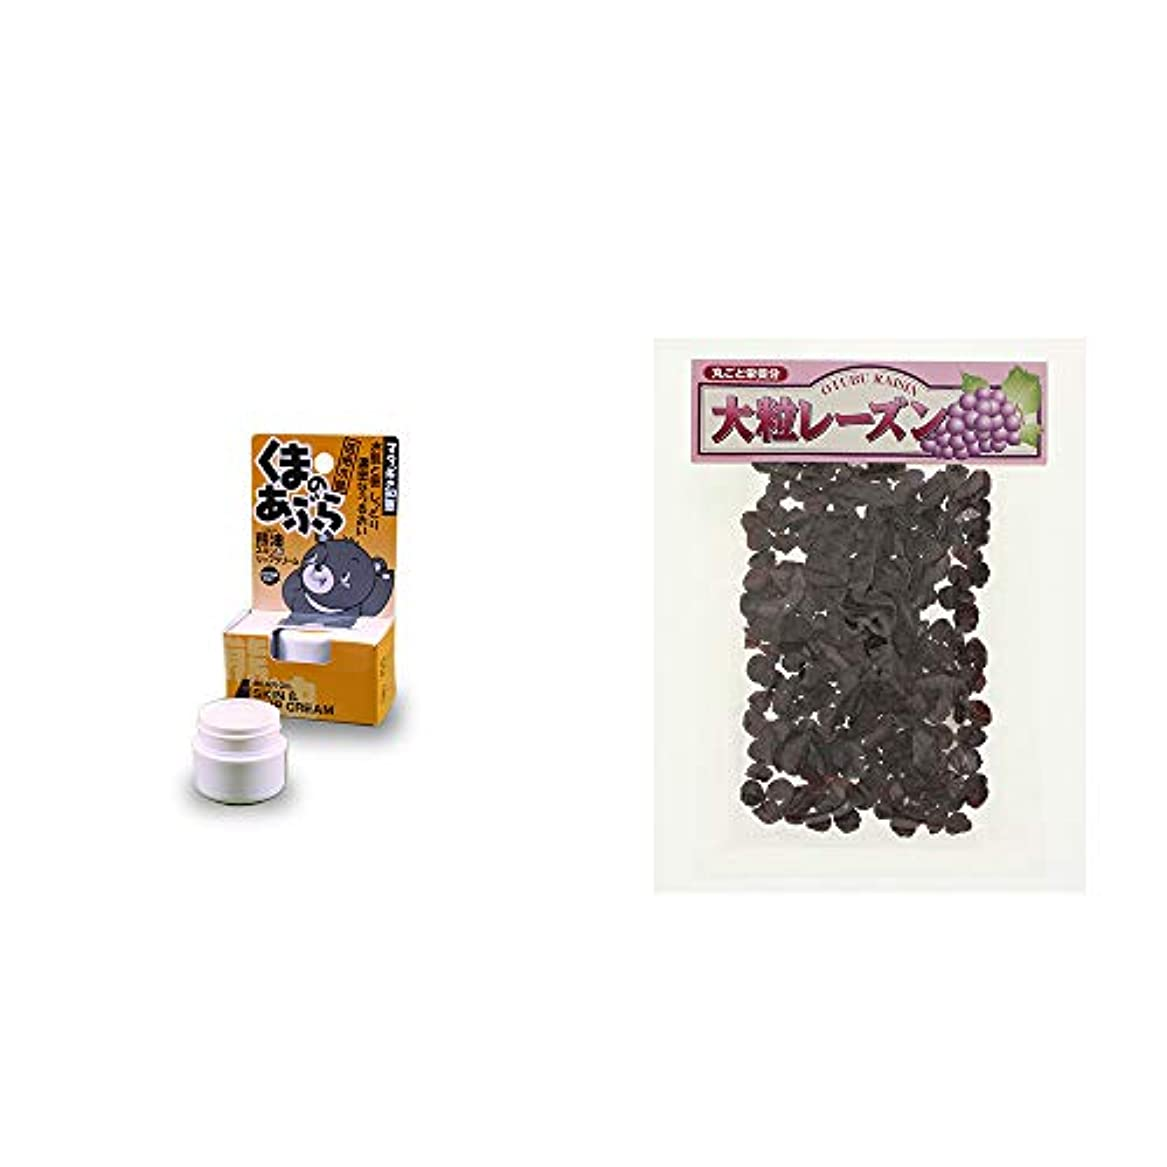 相関する消化電気陽性[2点セット] 信州木曽 くまのあぶら 熊油スキン&リップクリーム(9g)?大粒レーズン(280g)